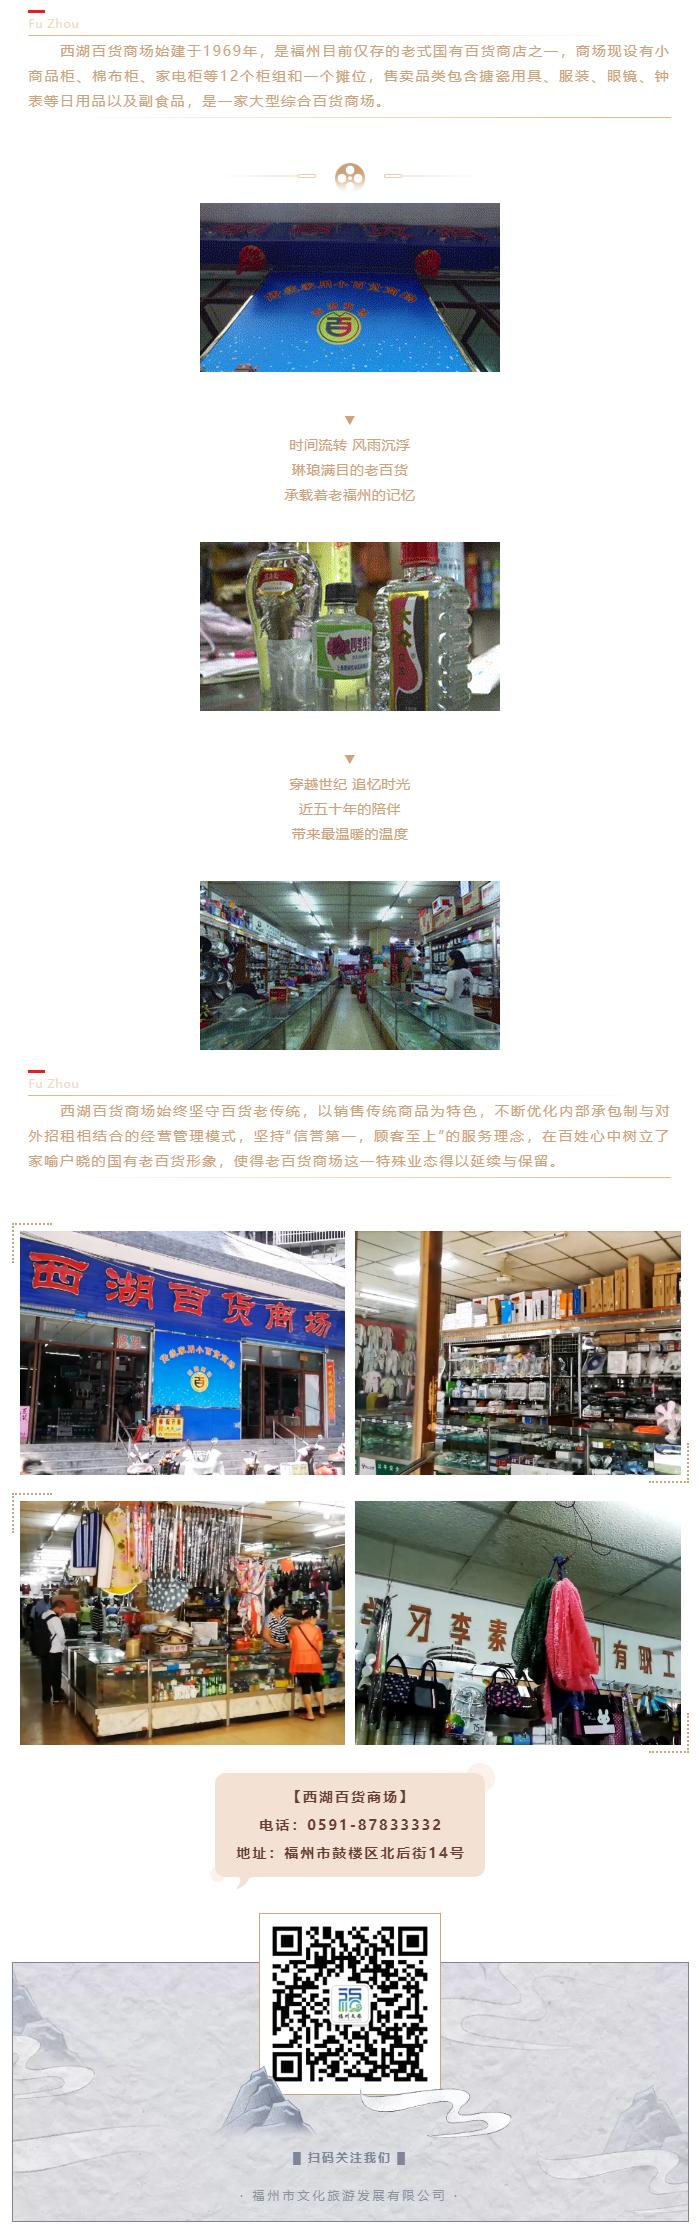 西湖百货商场丨一家历经近五十年风雨的福州老百货.png